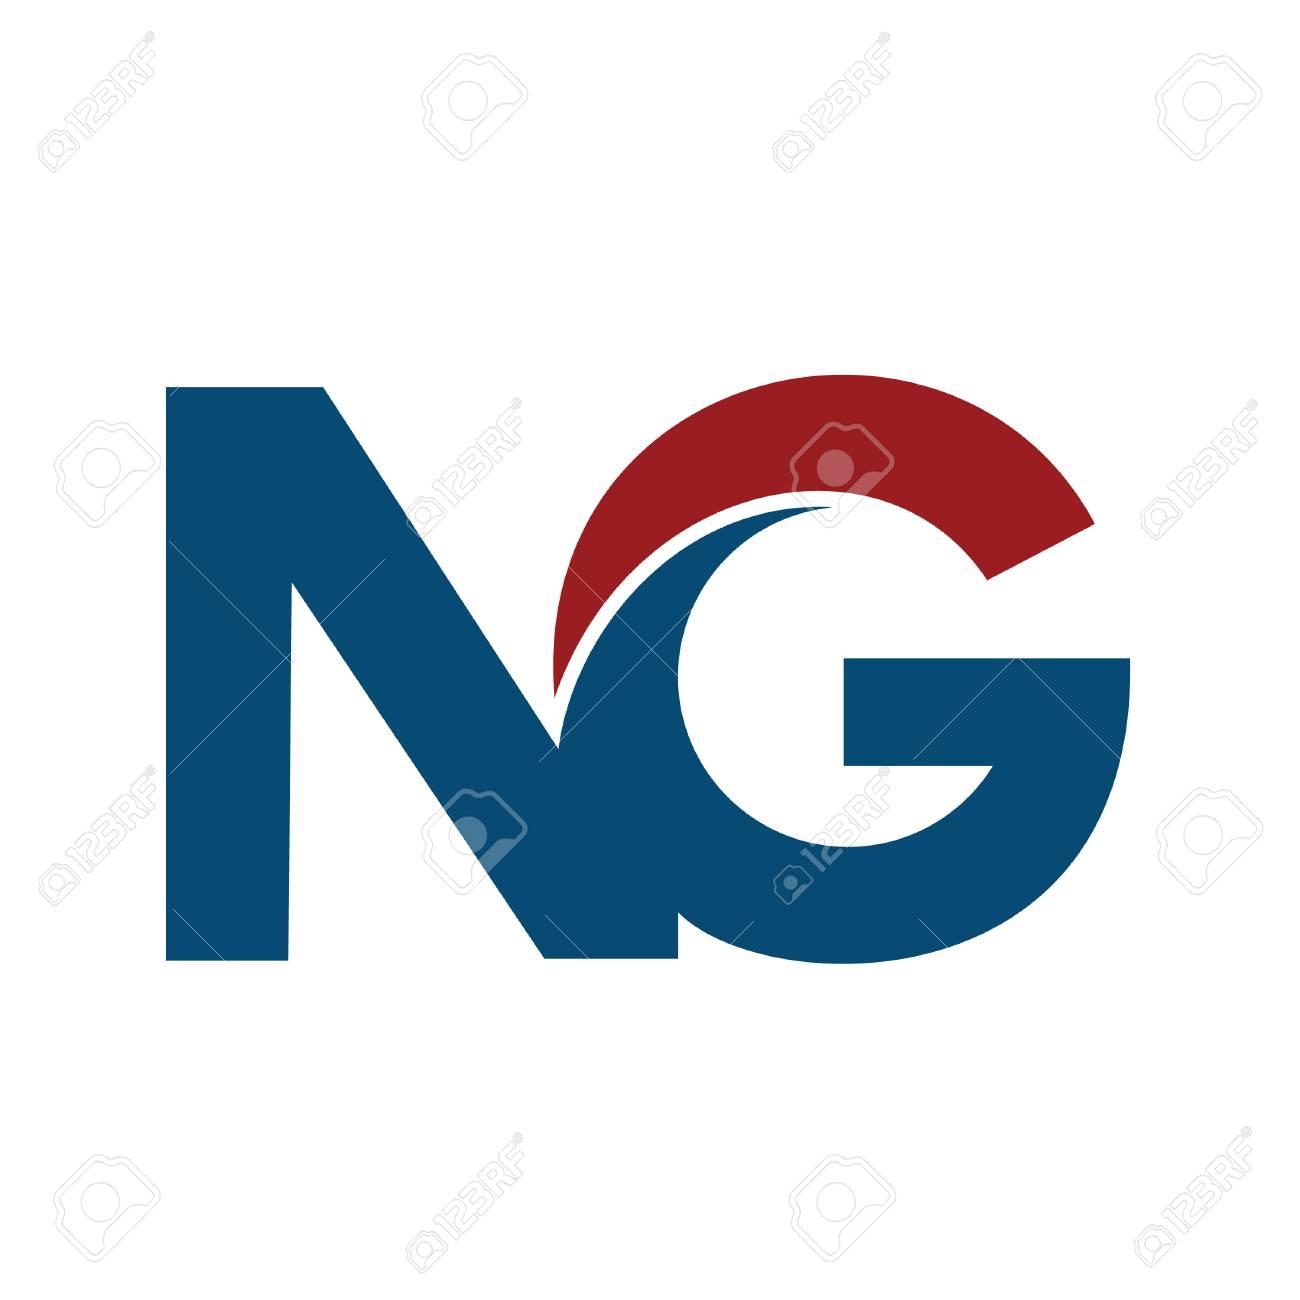 Ng N G Business Letter Logo Design Vector Illustration